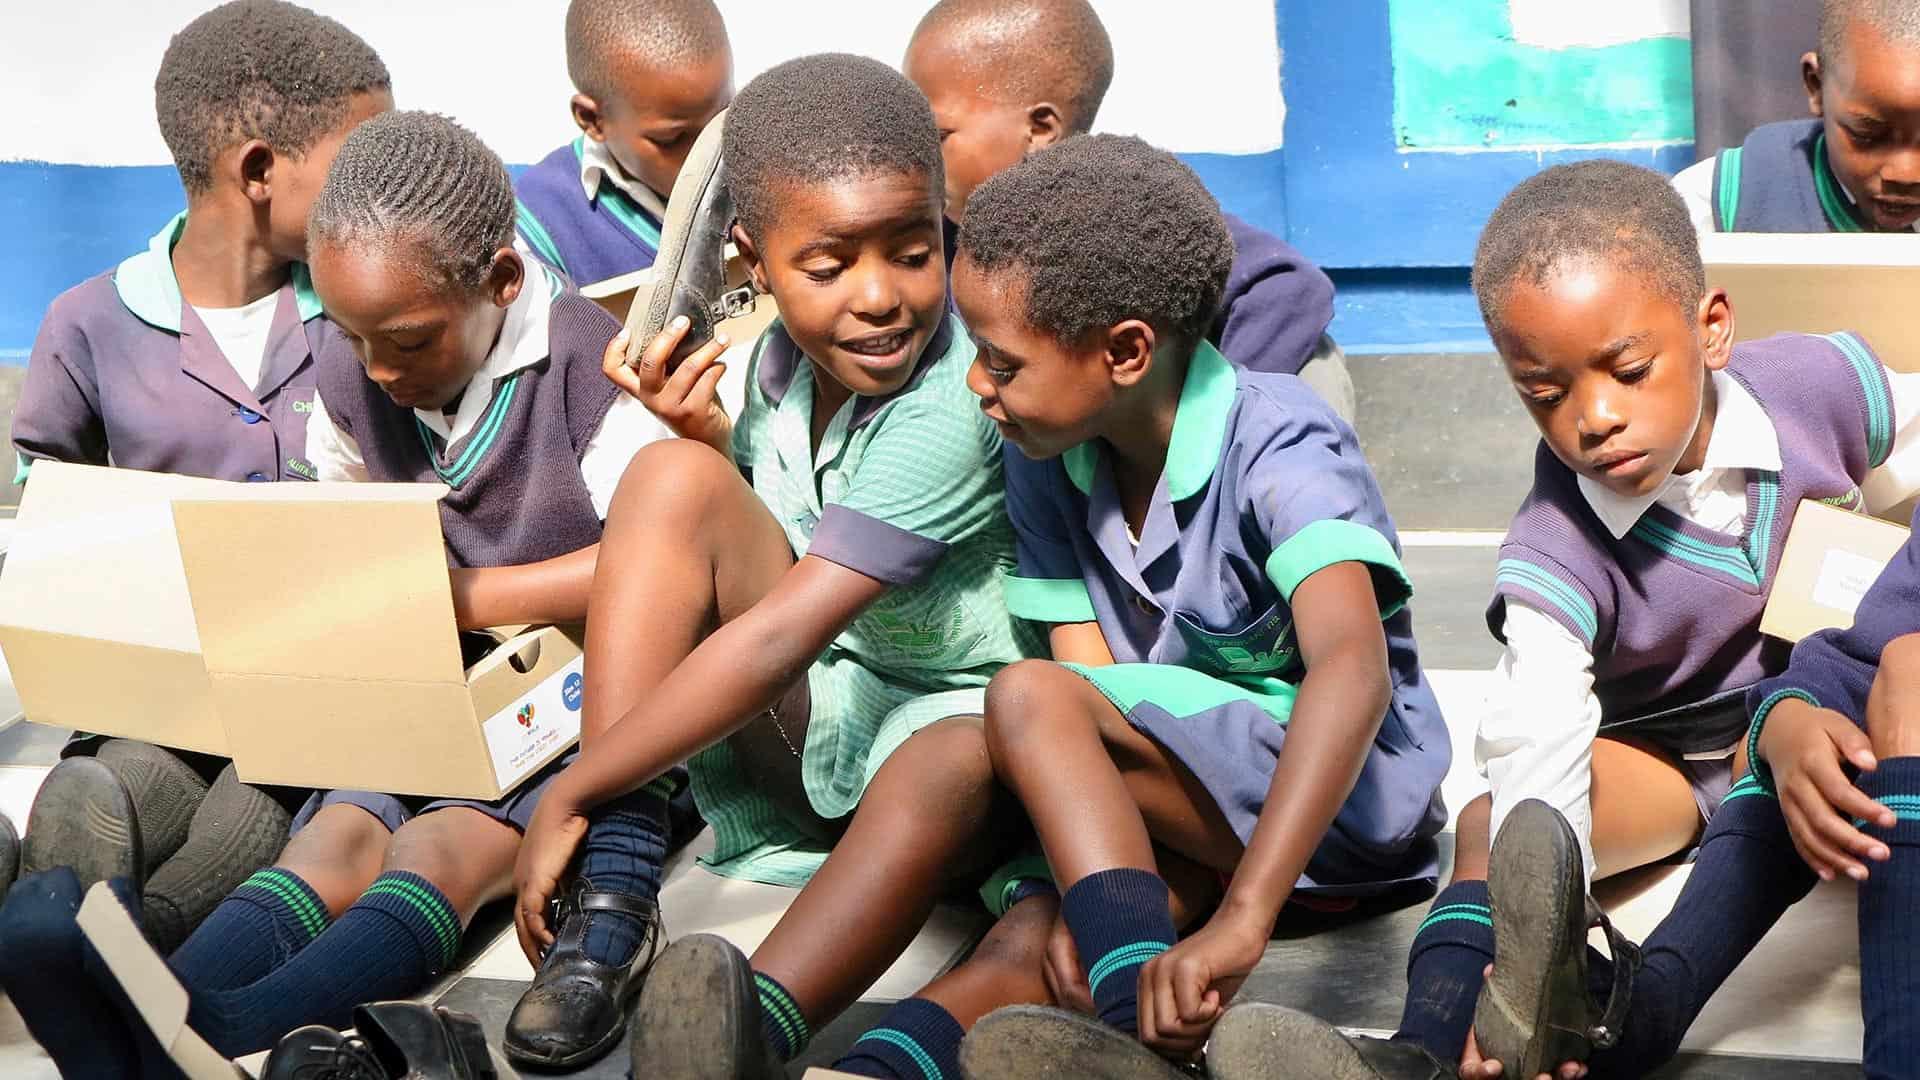 pvc skolesko sydafrika